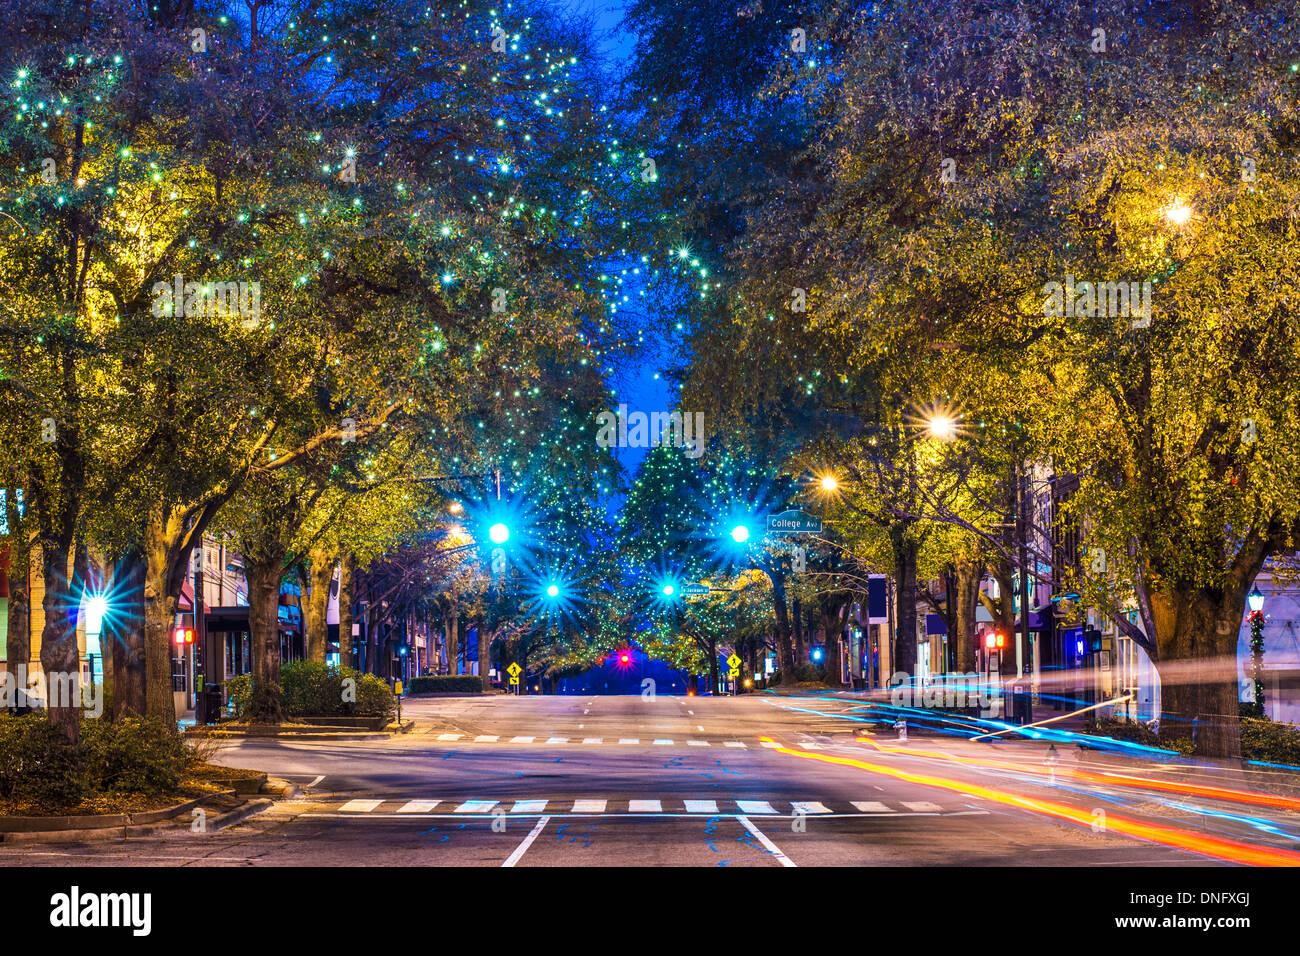 El centro de Atenas, Georgia, USA una escena nocturna. Imagen De Stock